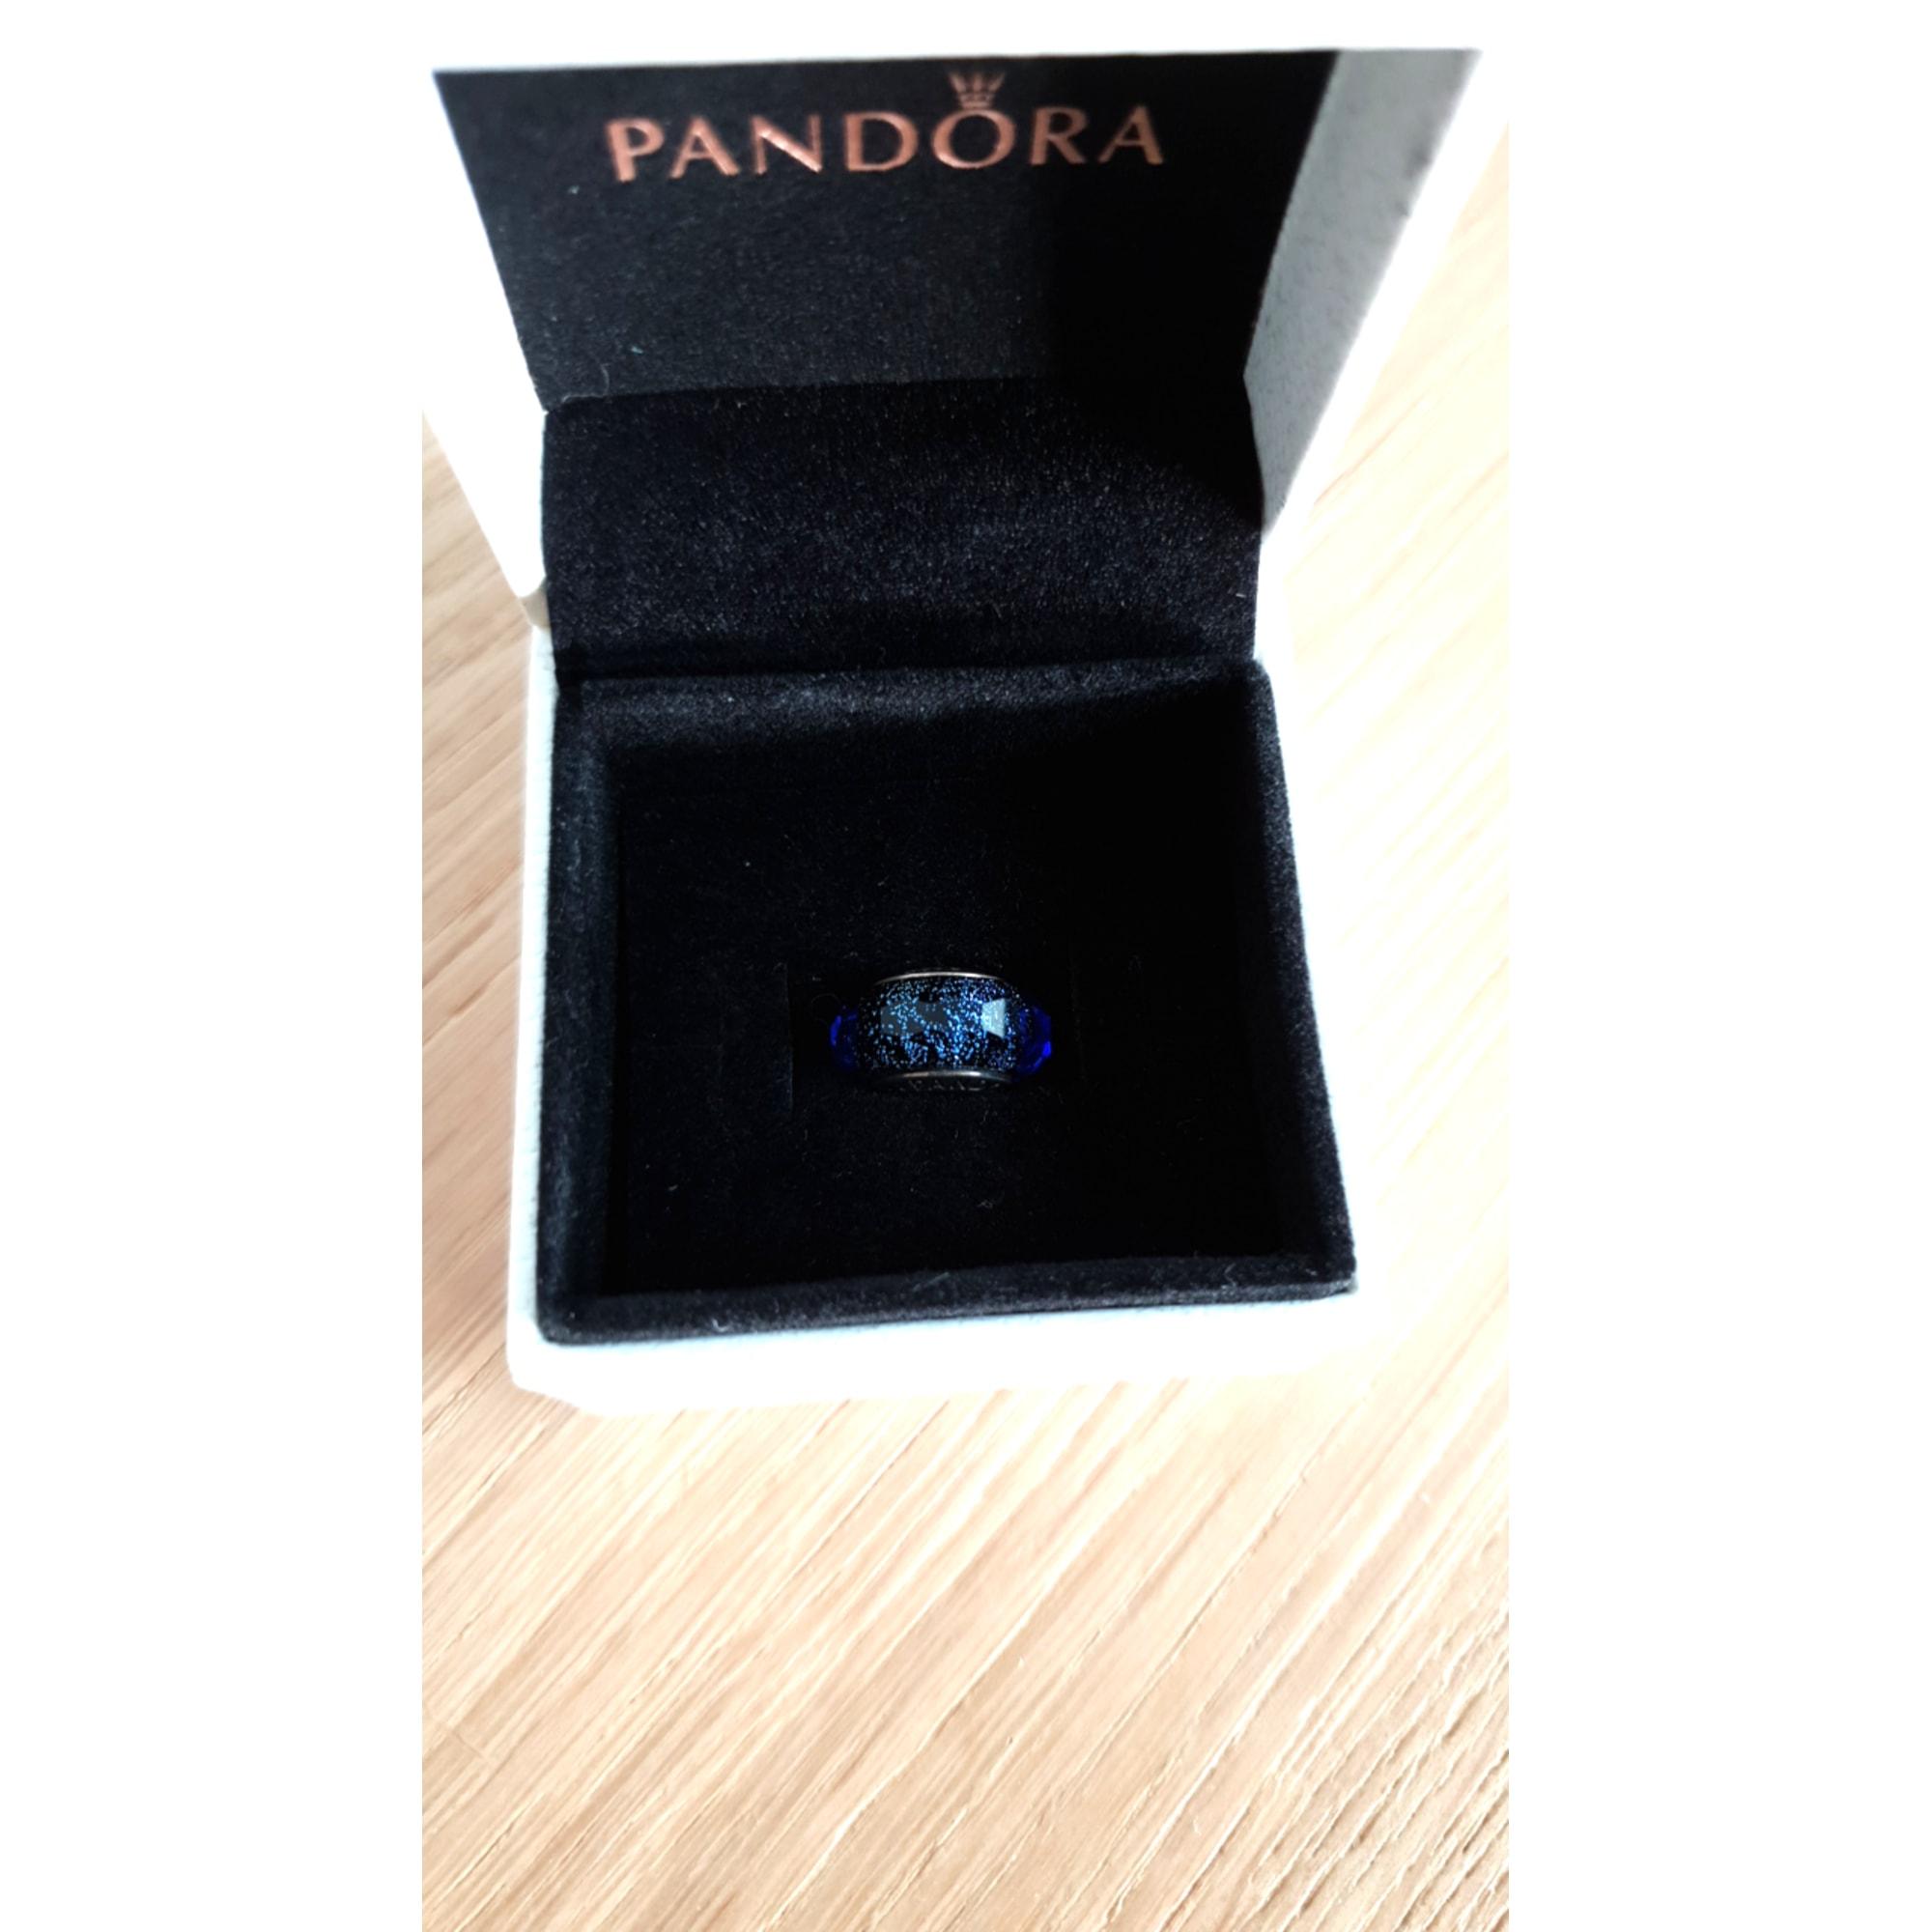 pandora murano bleu iridescent